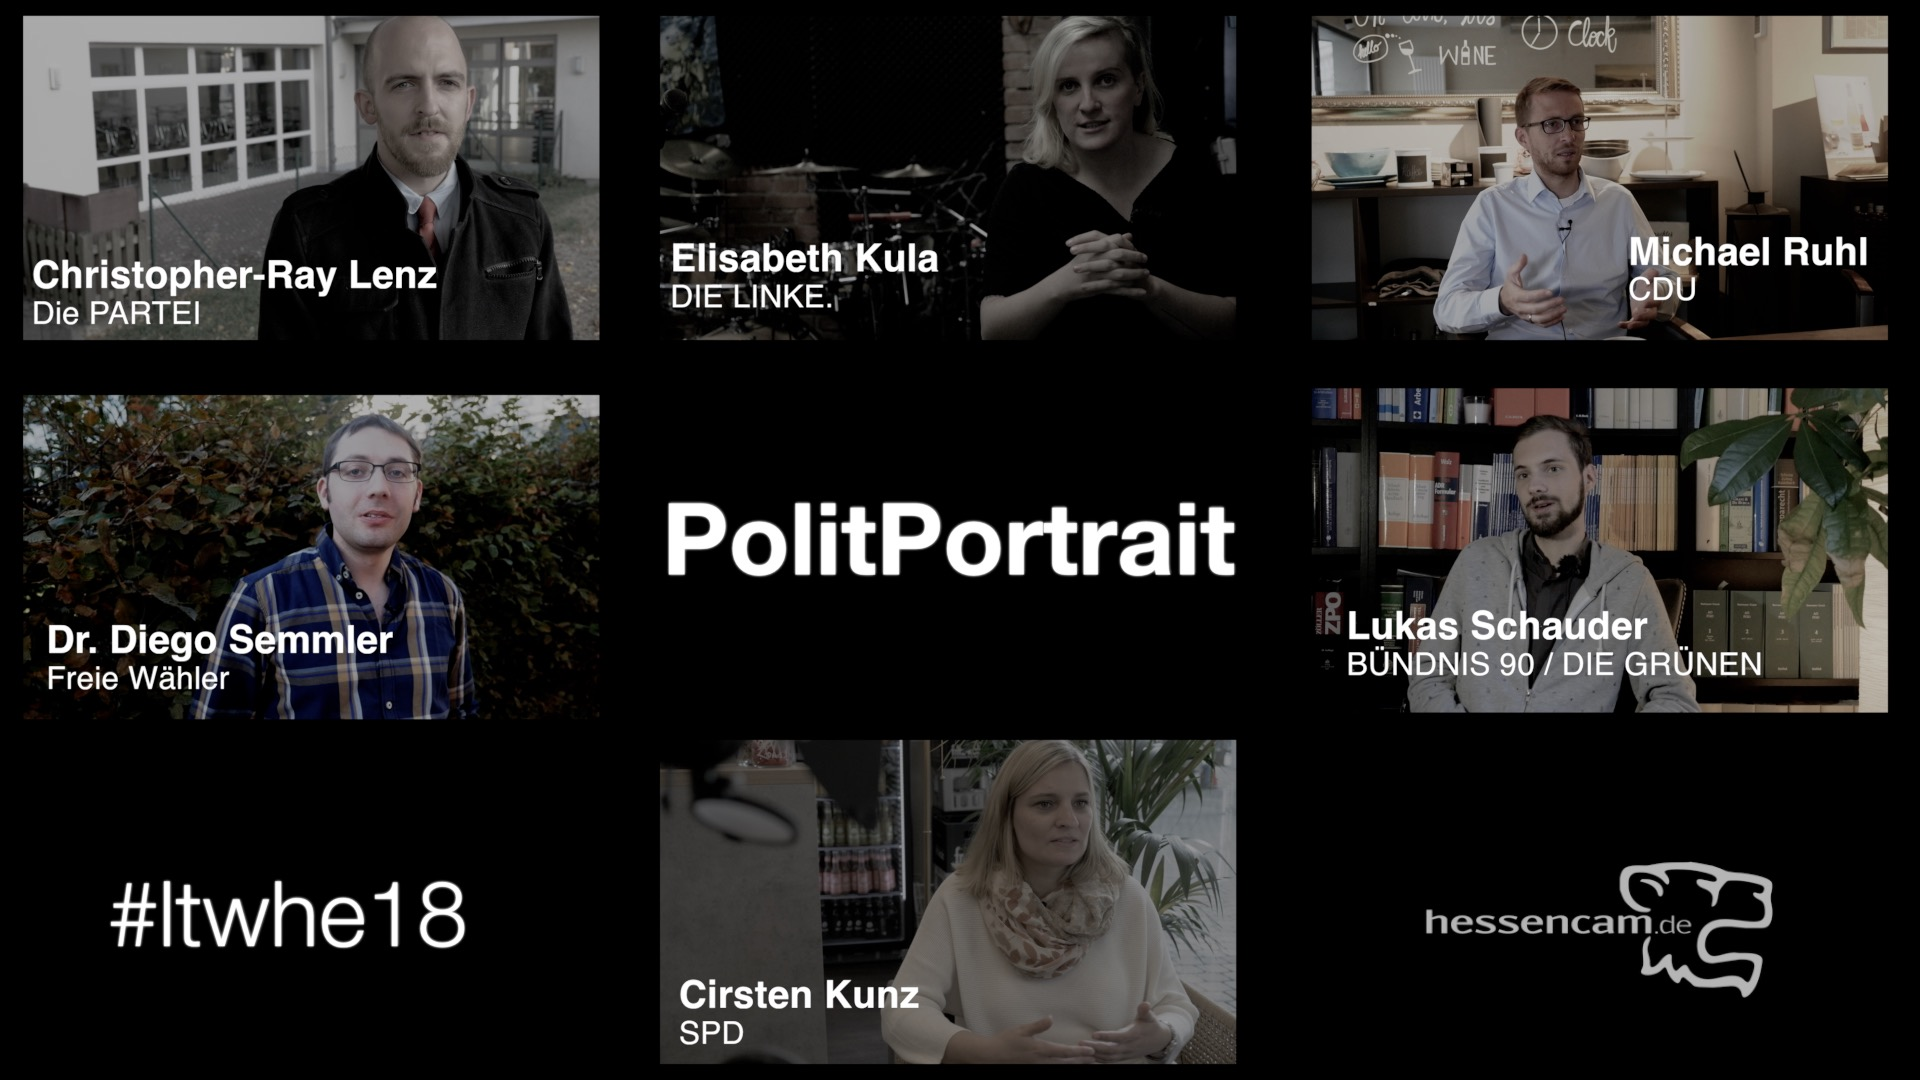 PolitPortrait